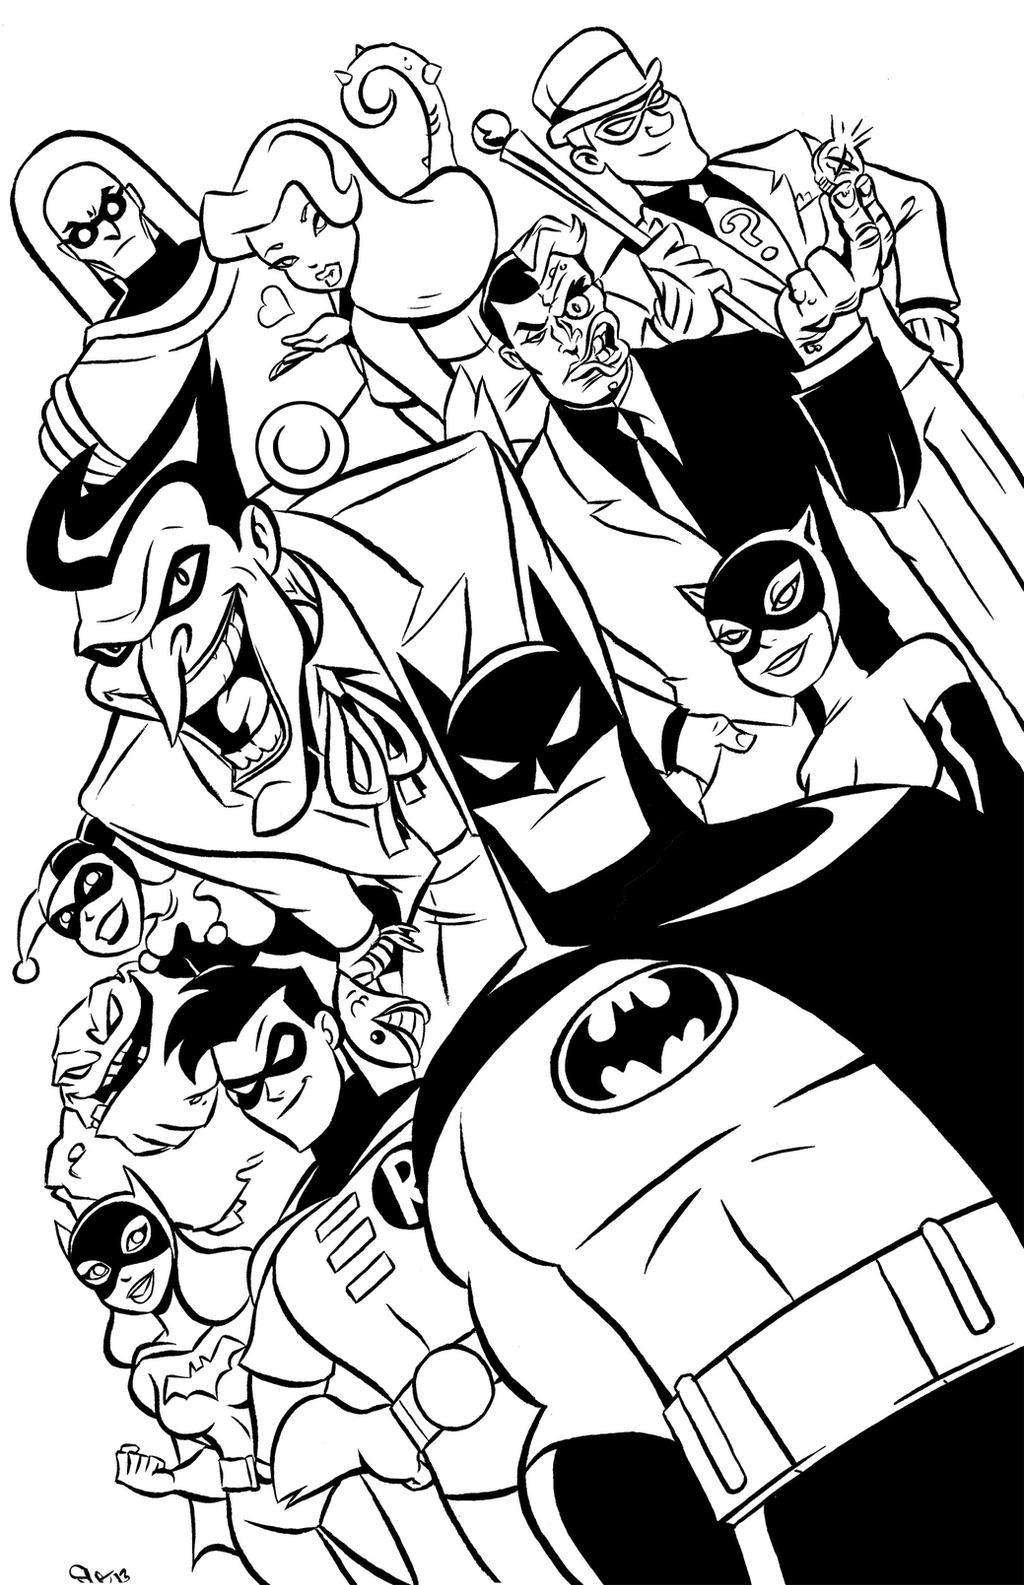 coloring pages batman villains - photo#38